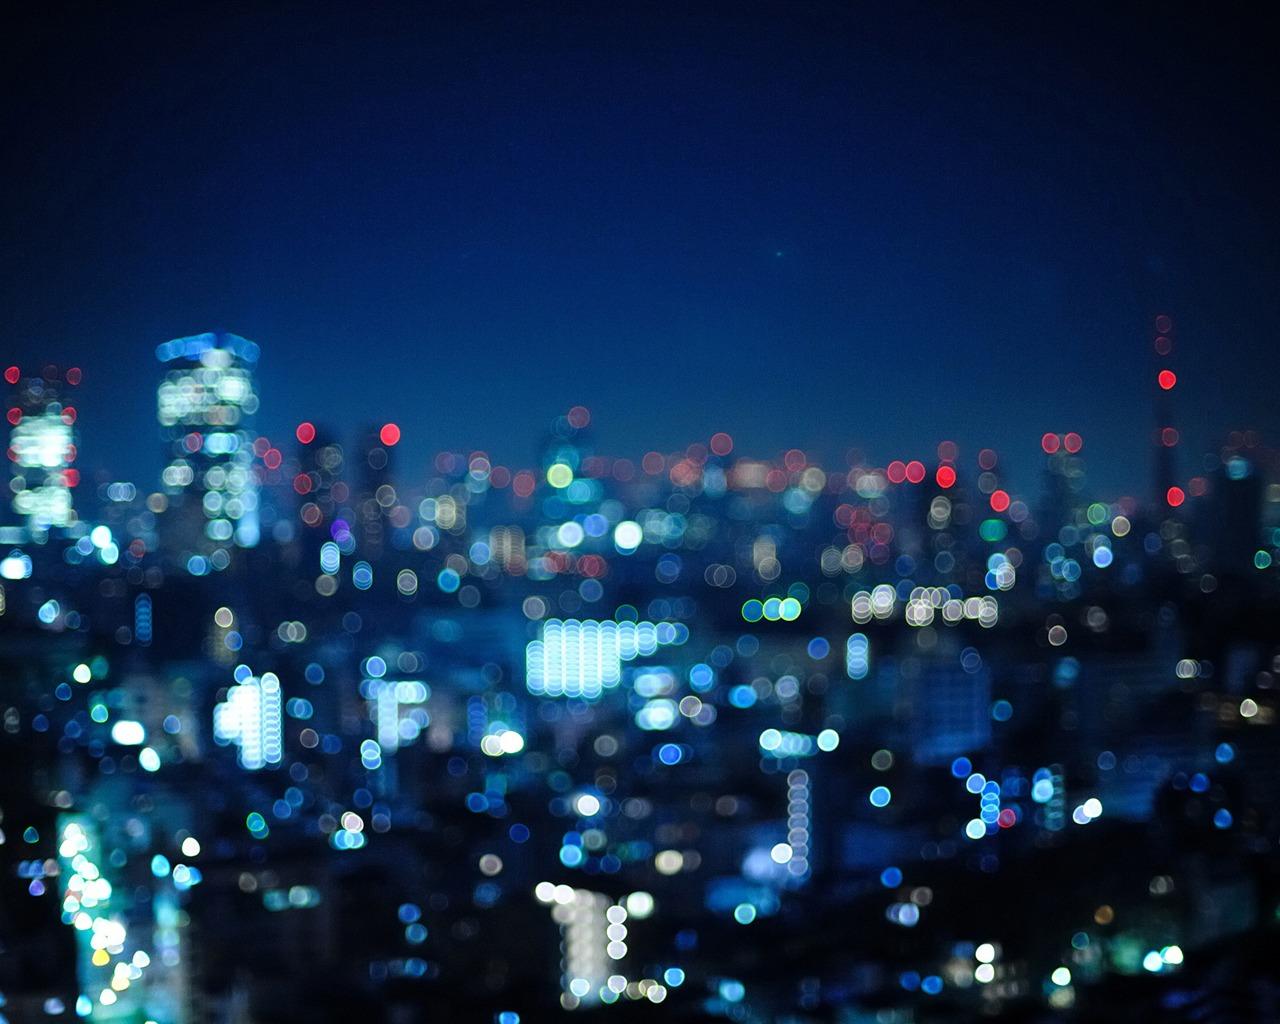 Bokeh Wallpapers High Quality: Tokyo Bokeh City-High Quality HD Wallpaper Preview